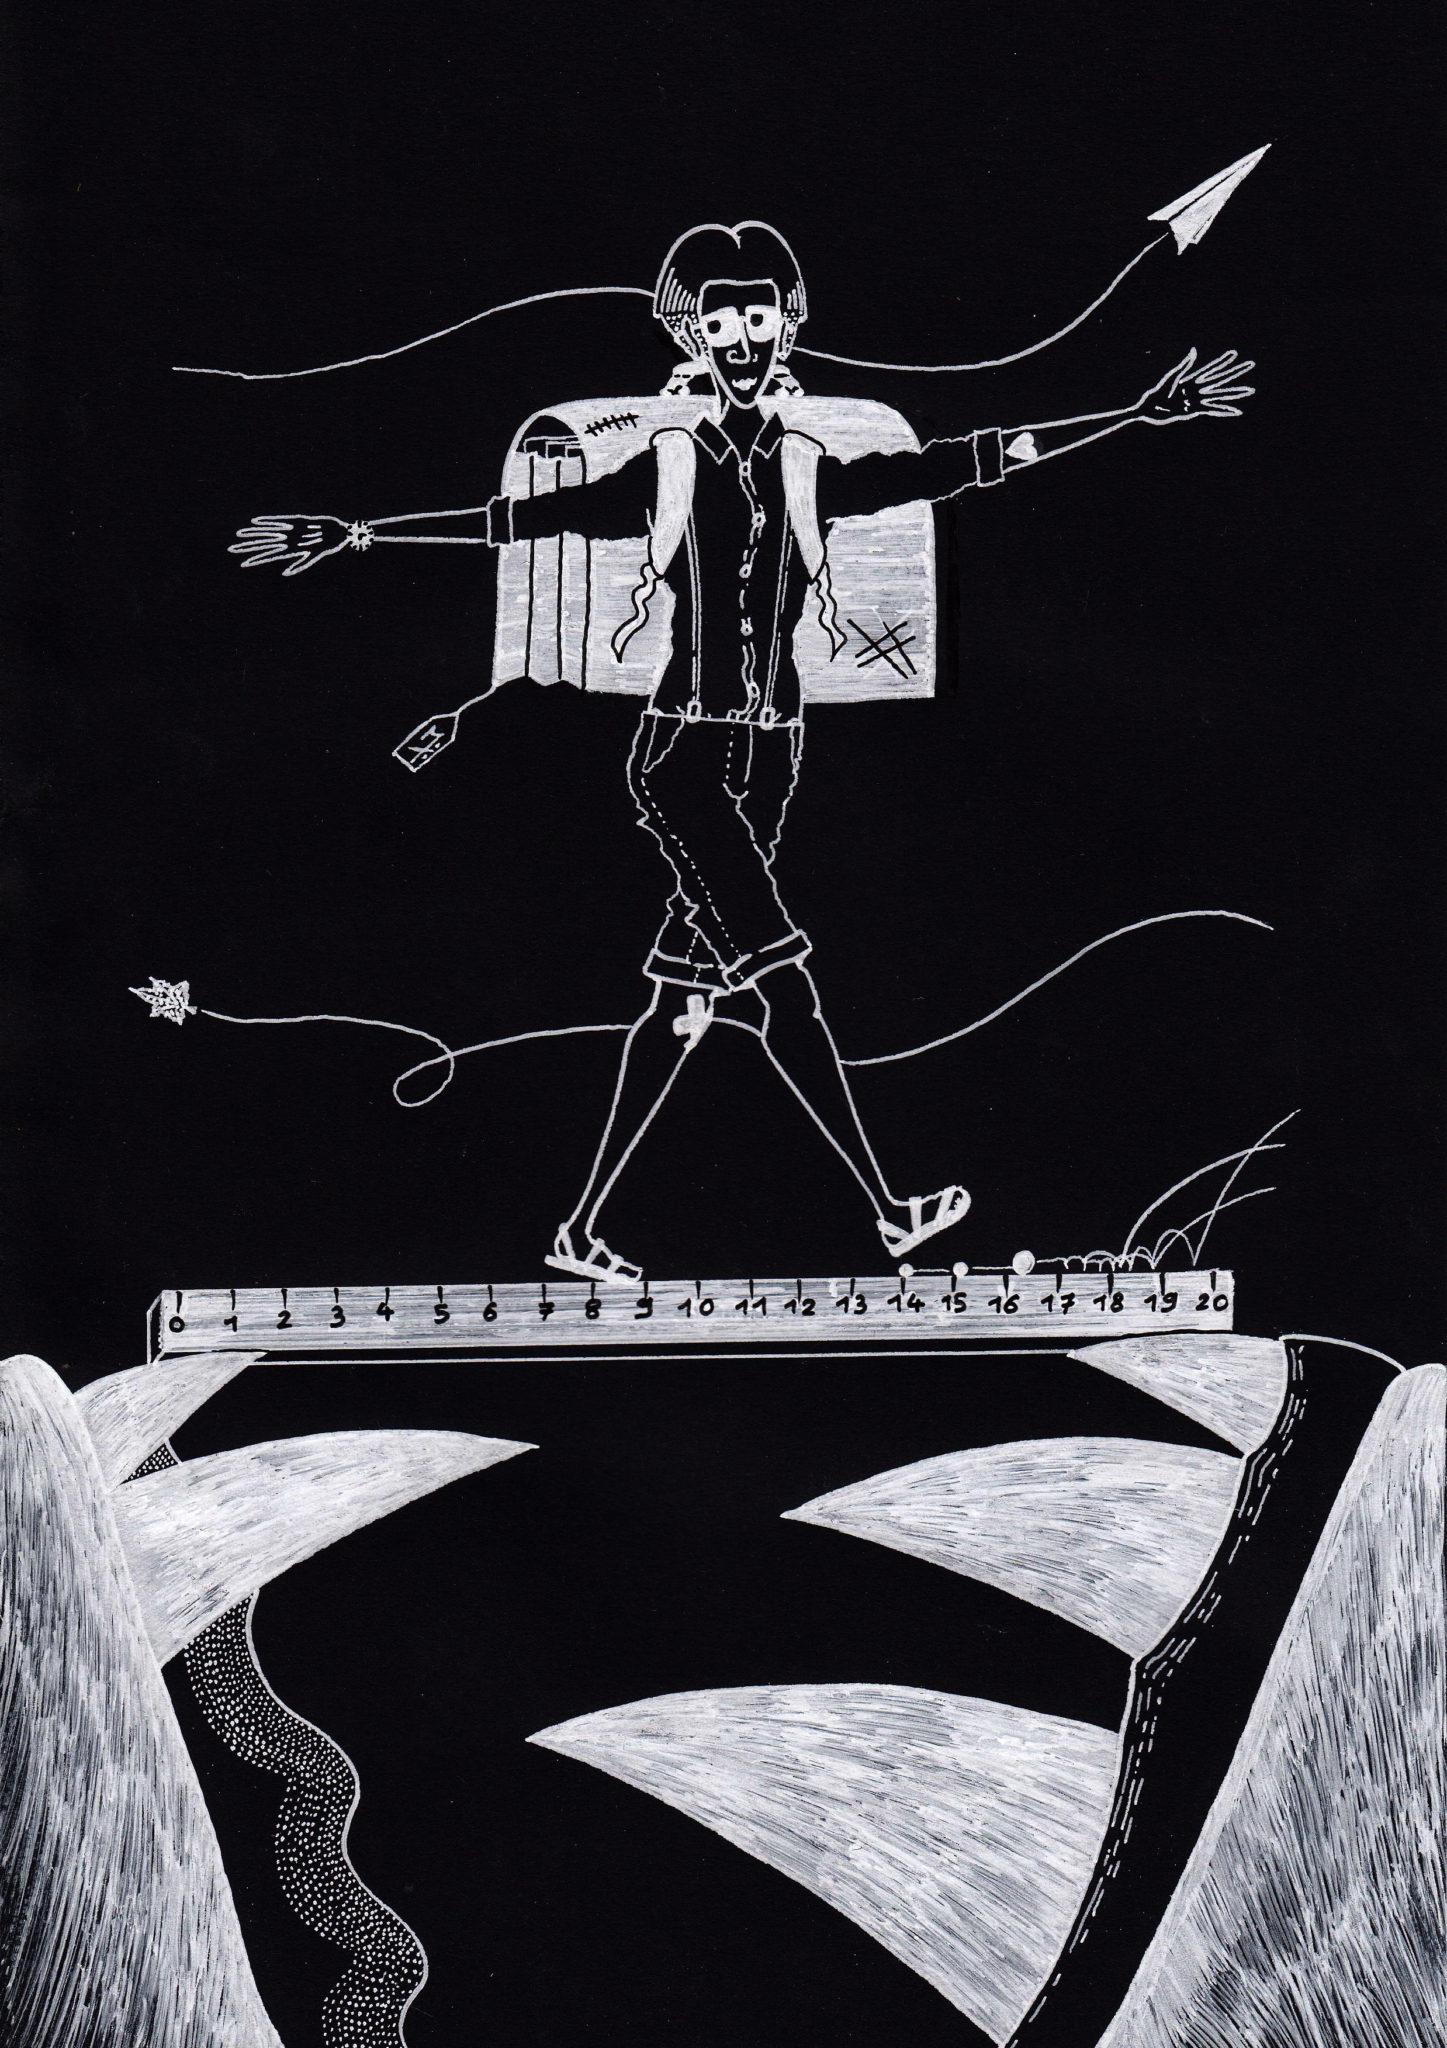 Dessin blanc sur fond noir : au-dessus d'une mâchoire ouverte repose une règle graduée sur laquelle marche un écolier, un gros cartable sur le dos.